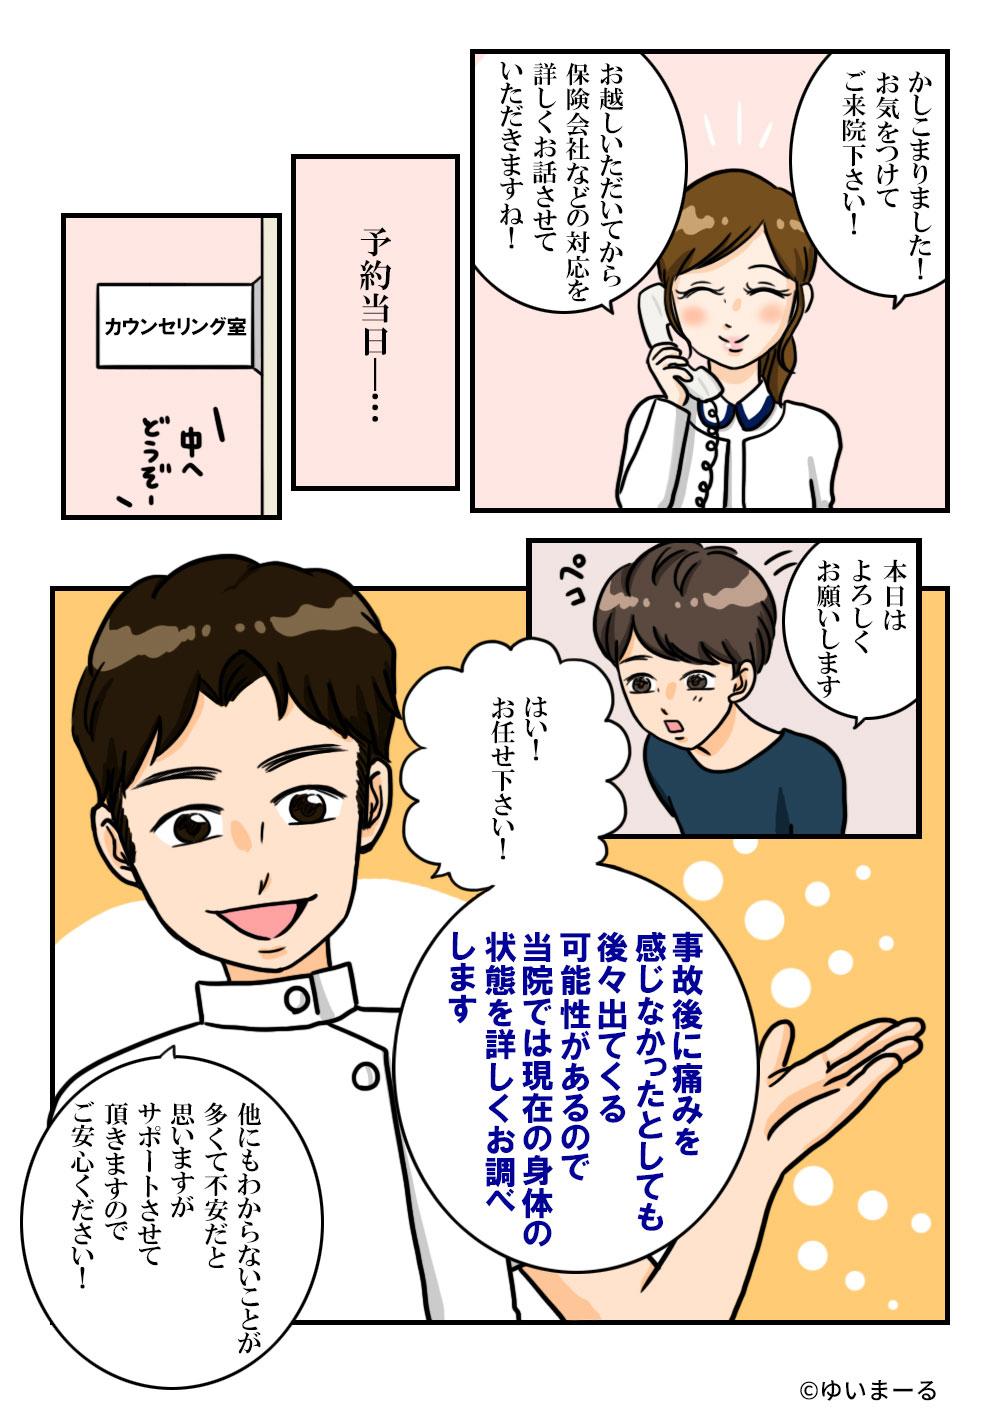 漫画1-4